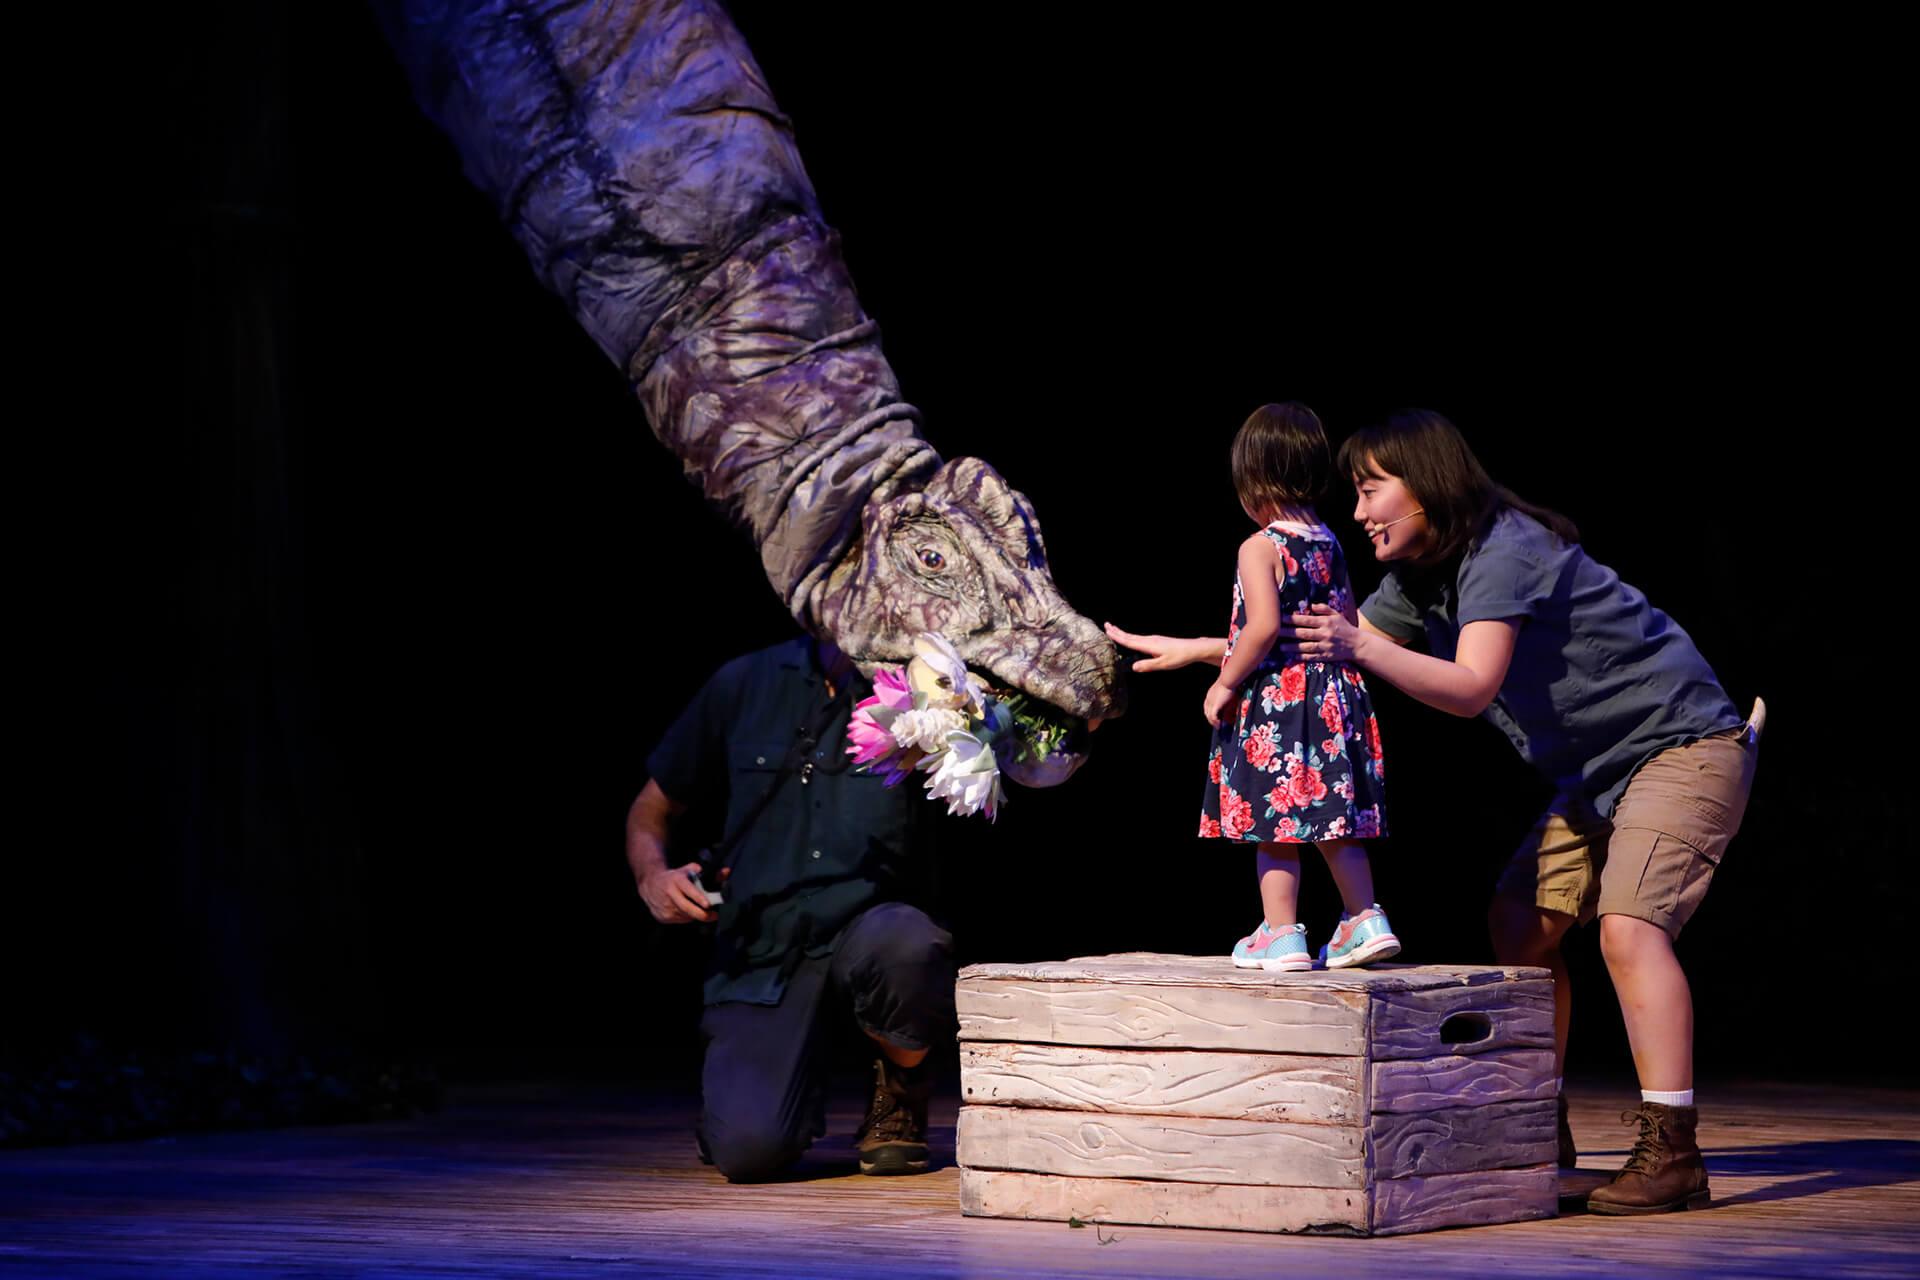 この写真は首長恐竜と戯れる子供です